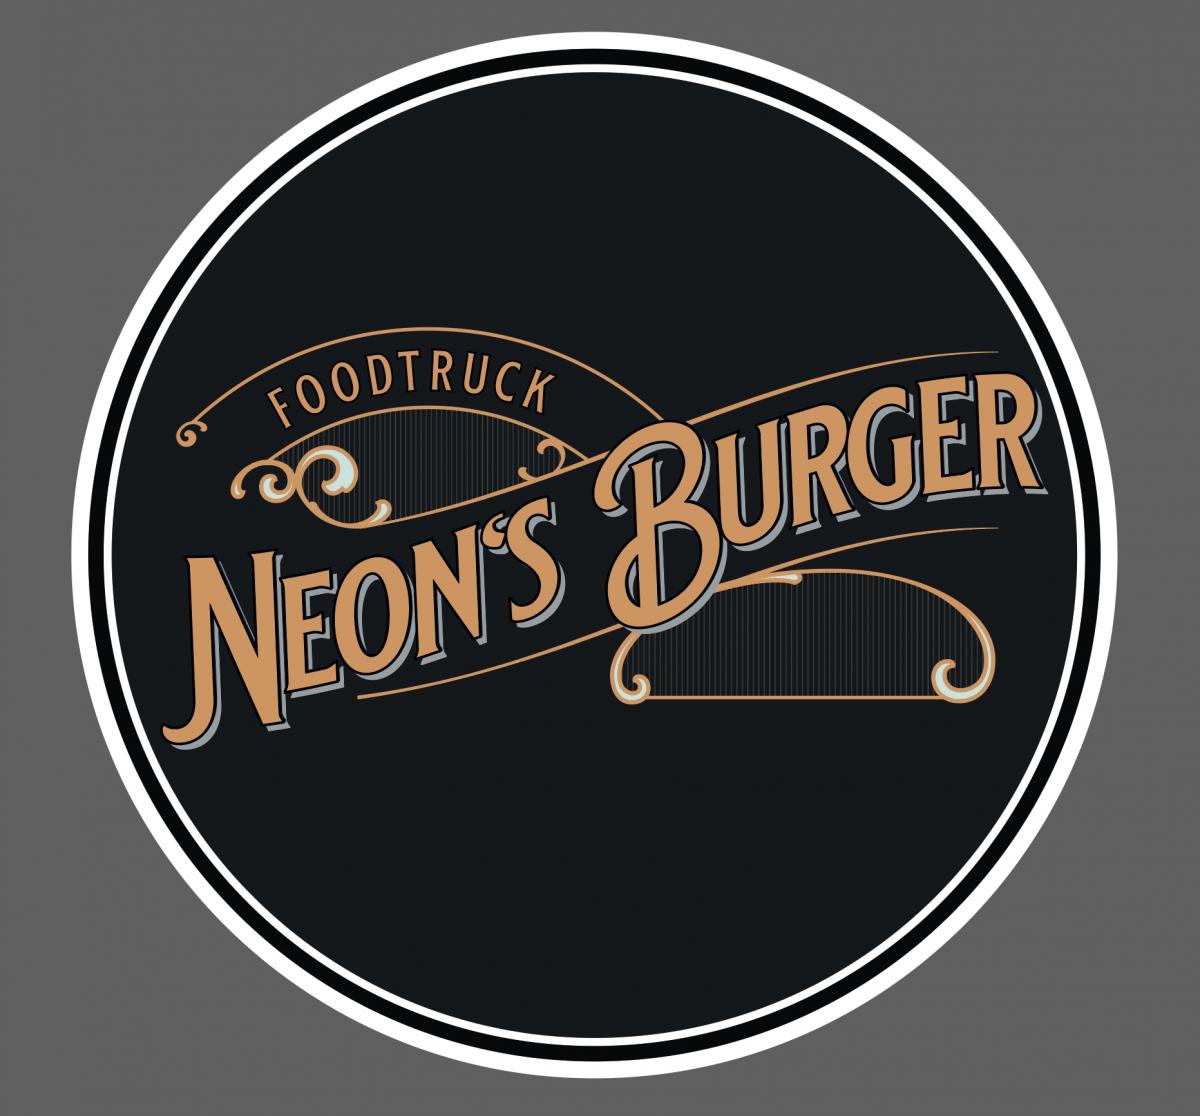 logo neon s burger